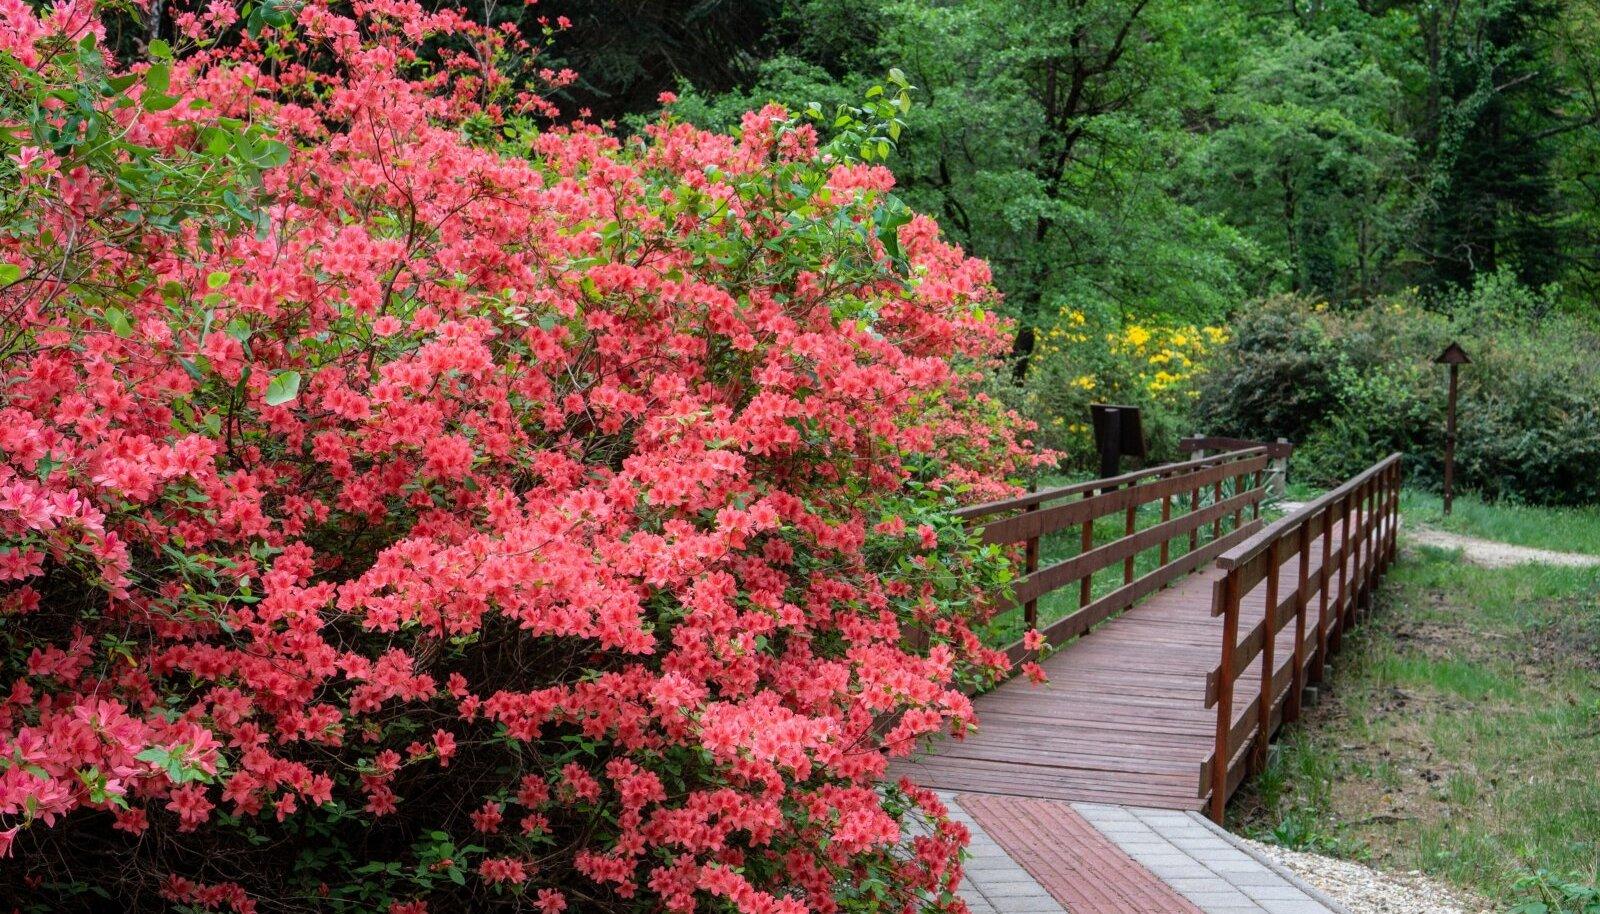 Heitlehised rododendronid võivad kasvada väga suureks.